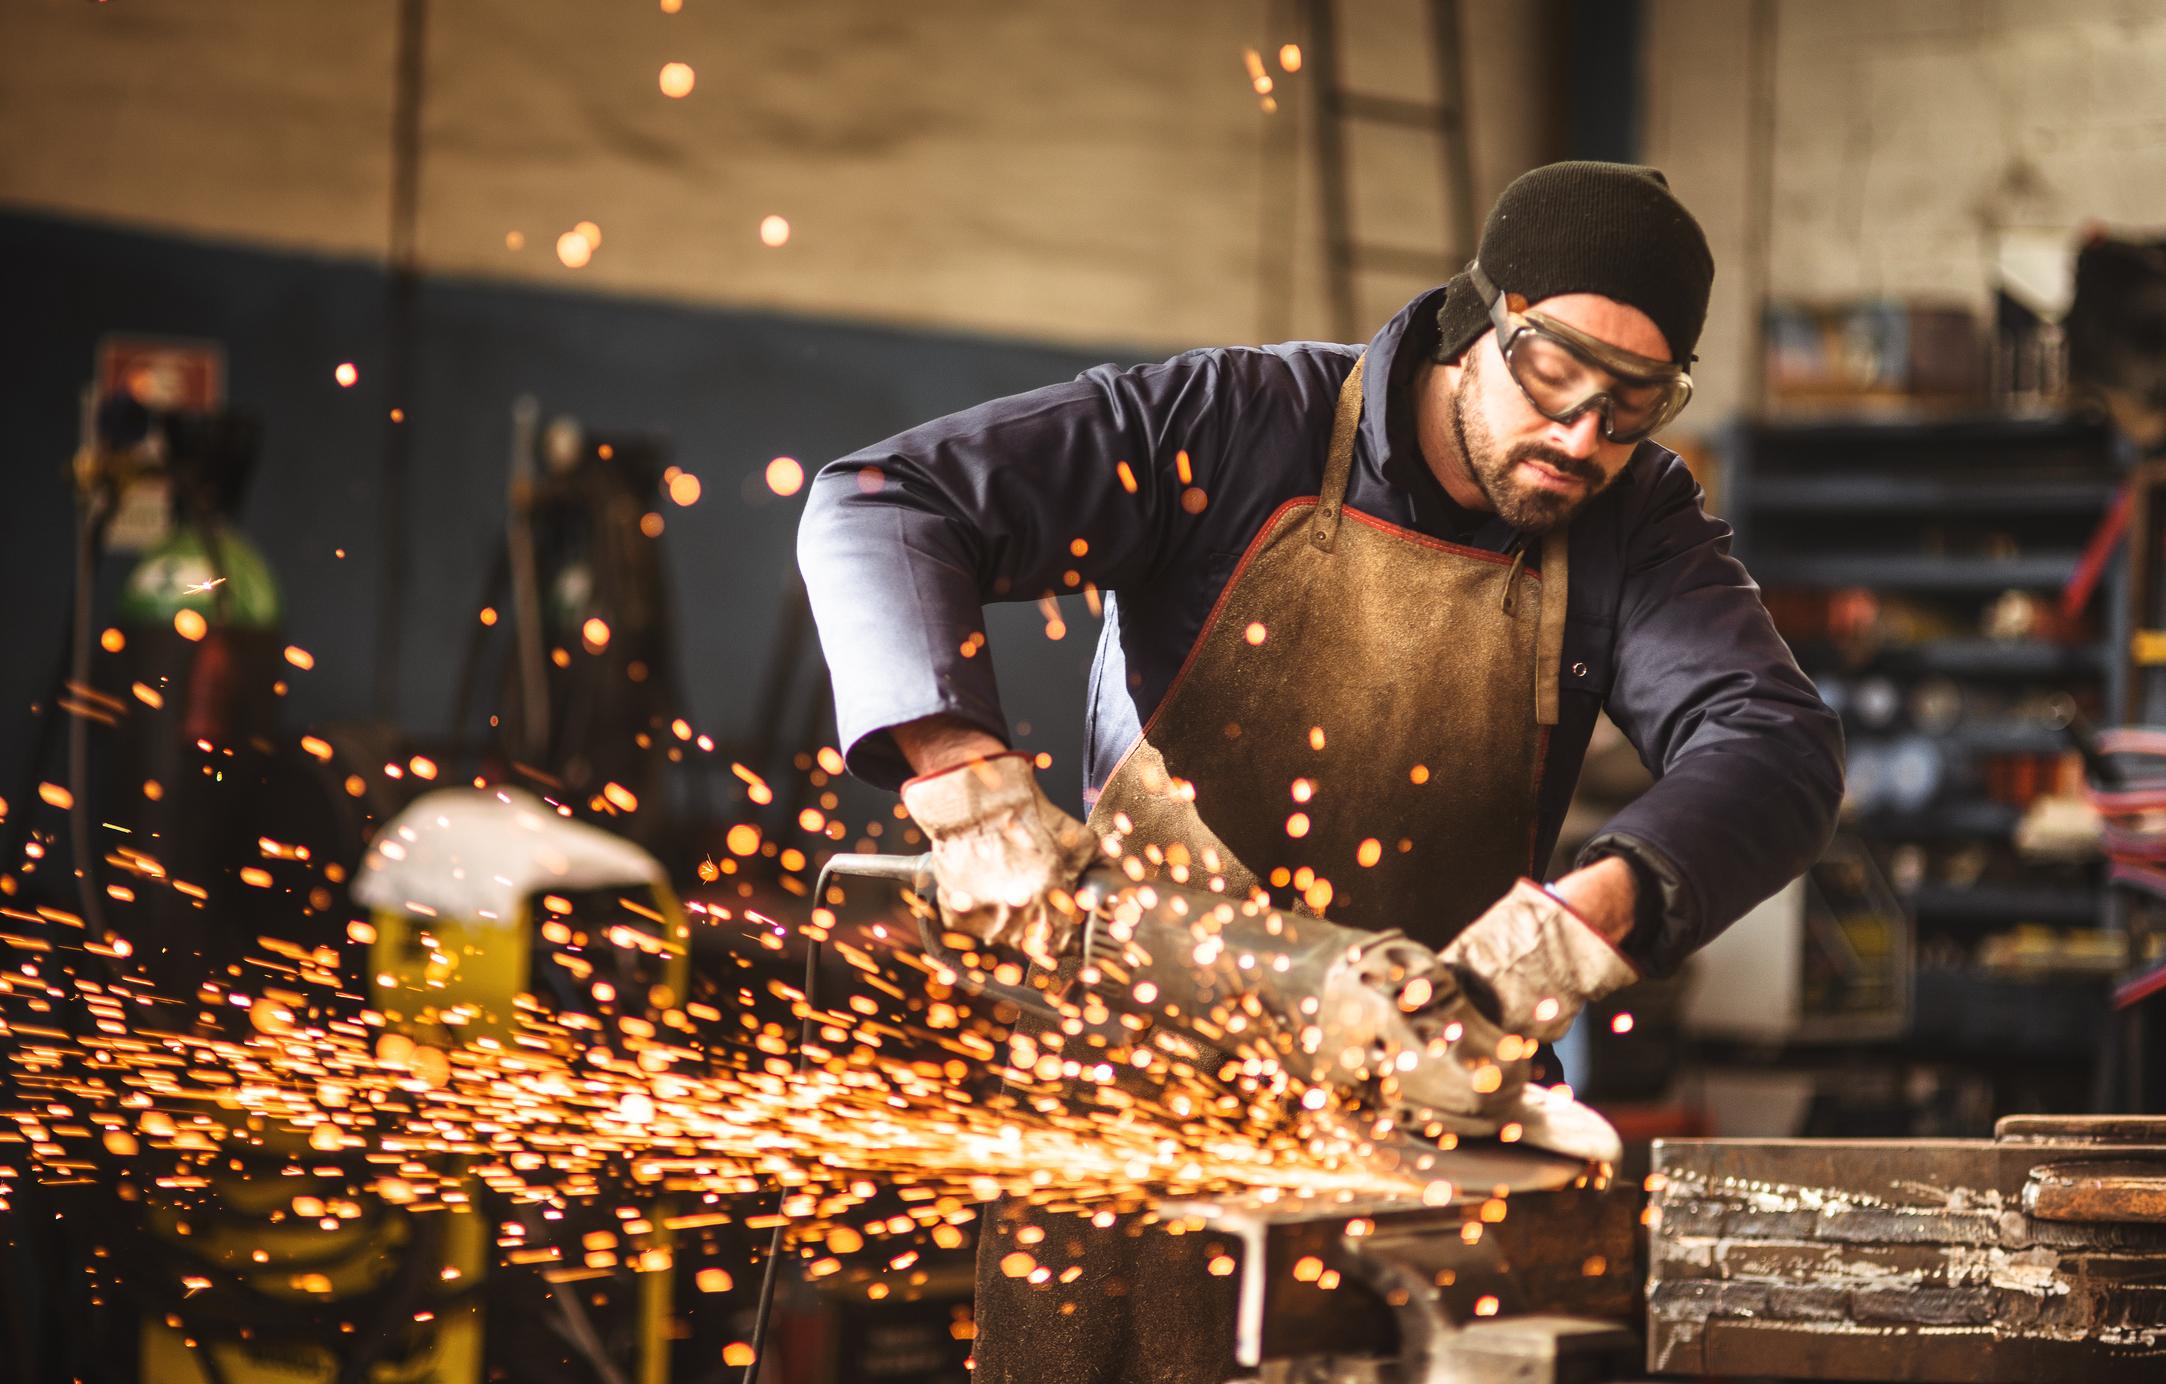 Body Repair Shops And Environmental Regulations